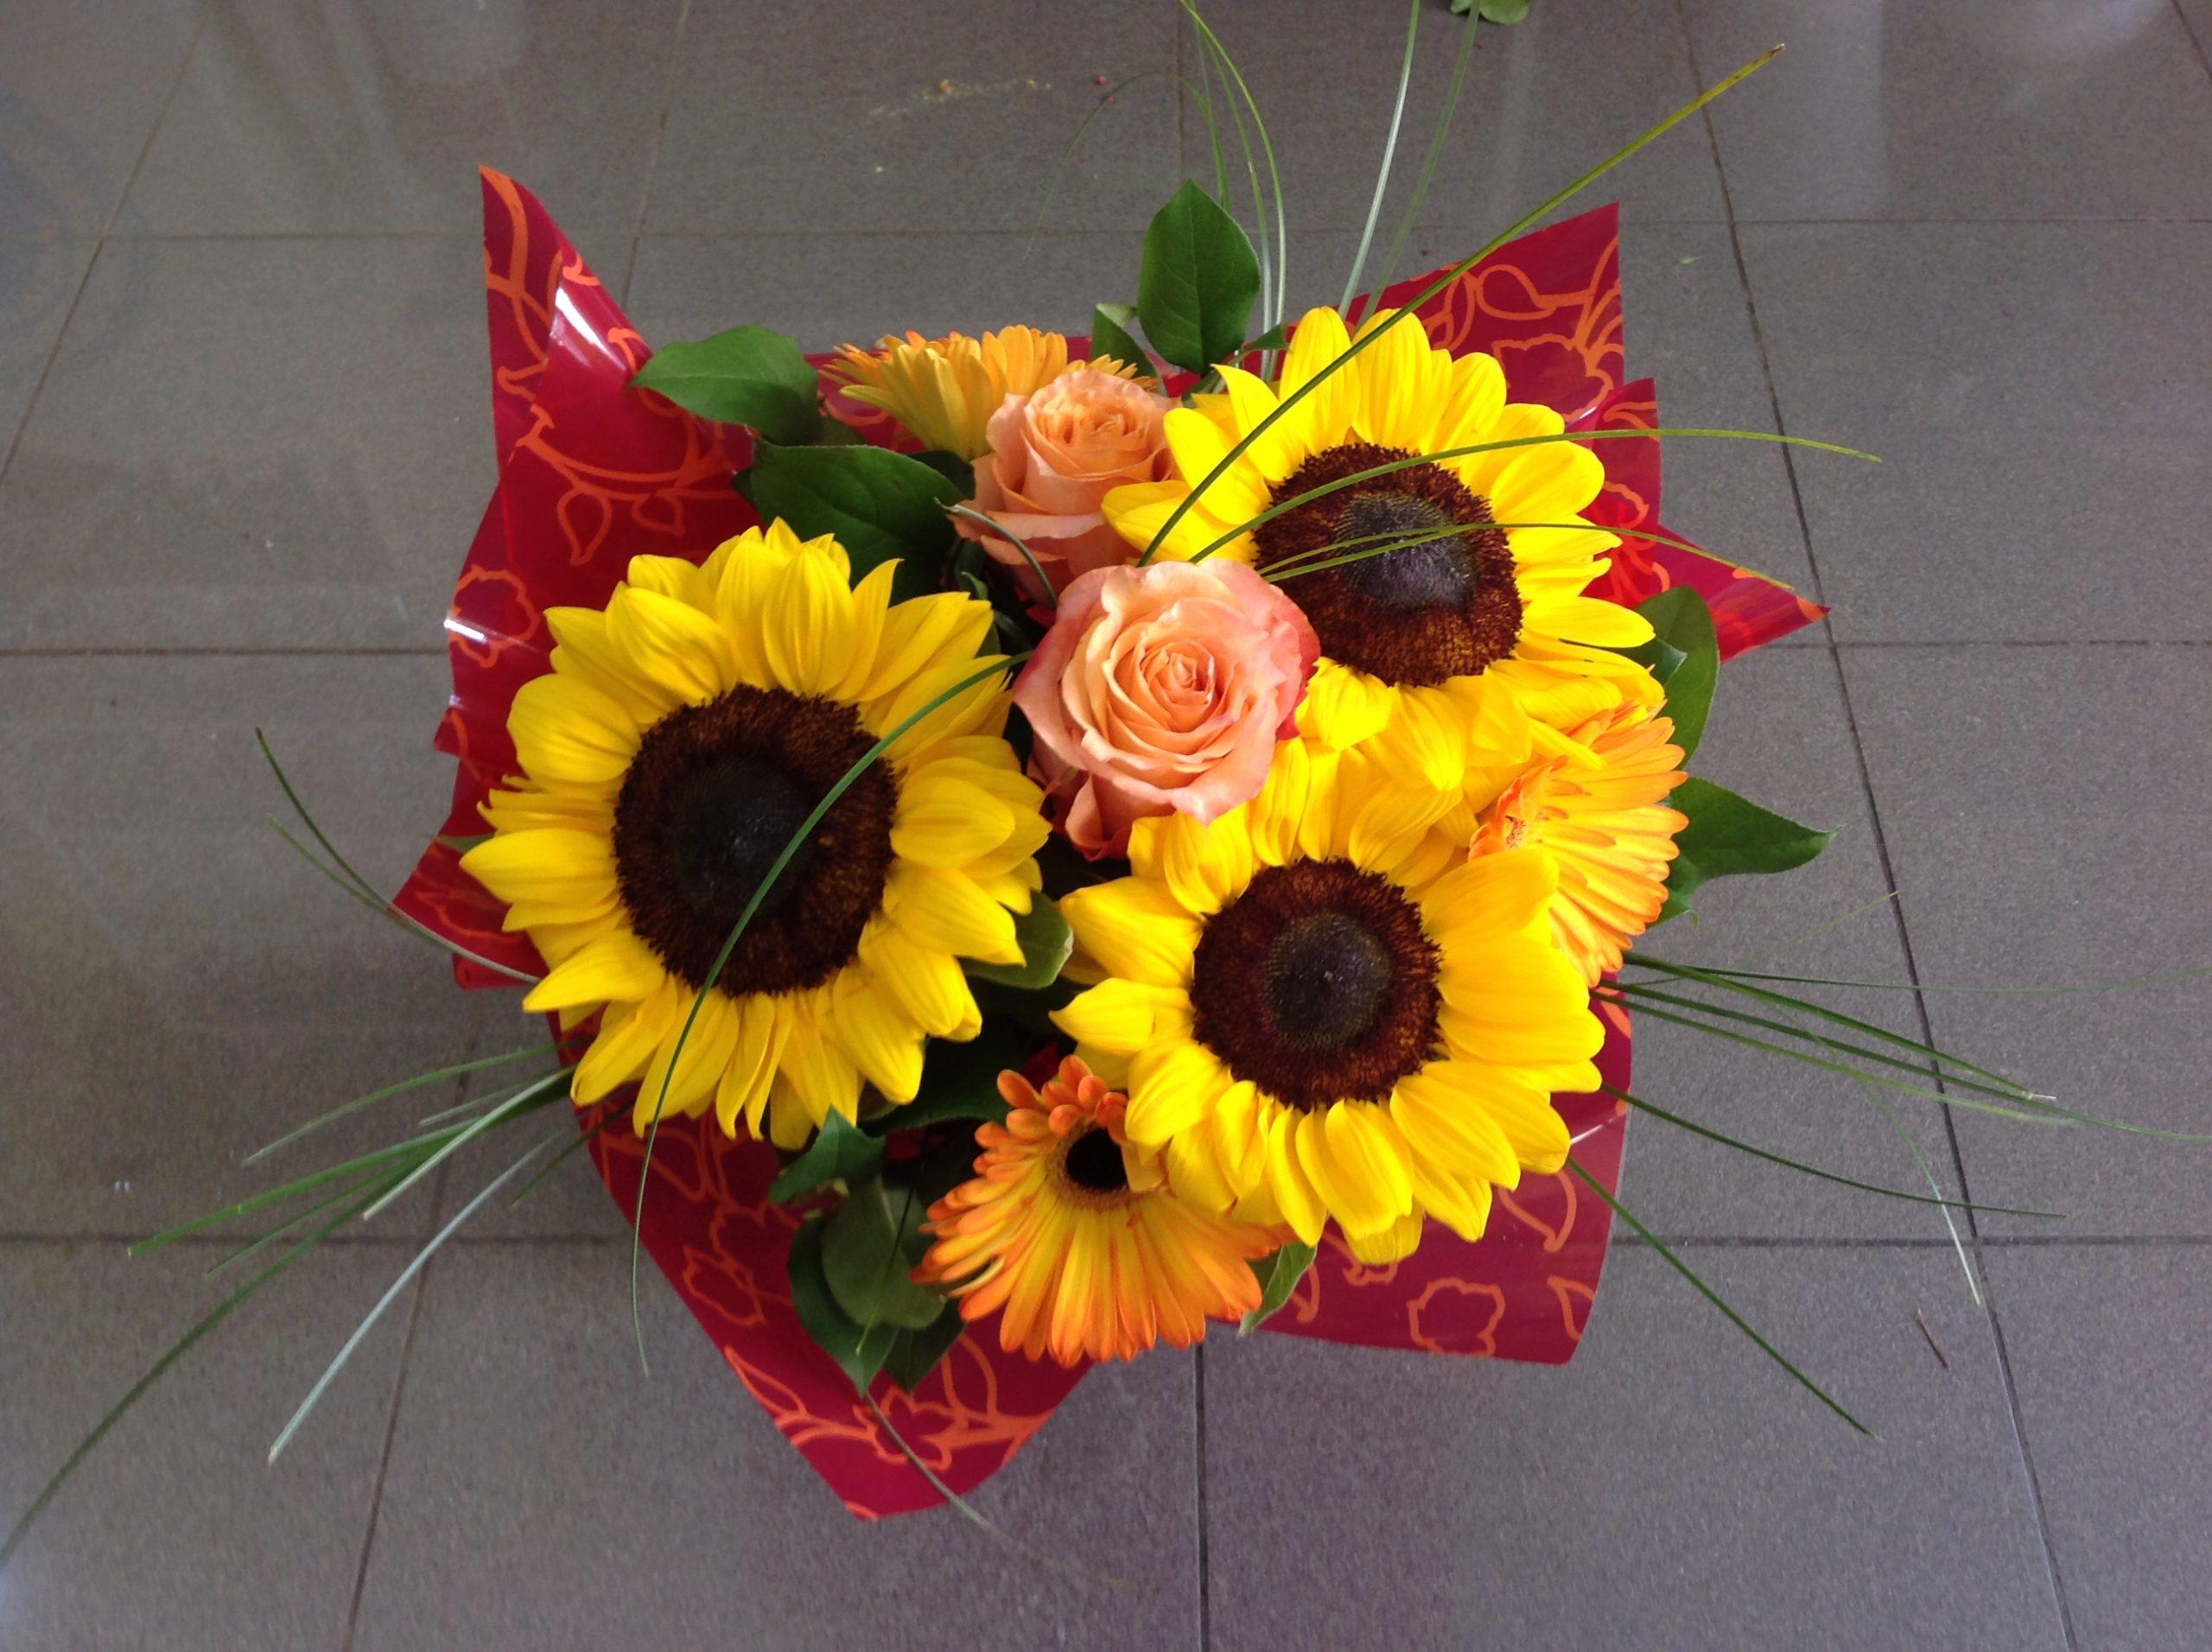 Vendita fiori e piante online a Bolzano